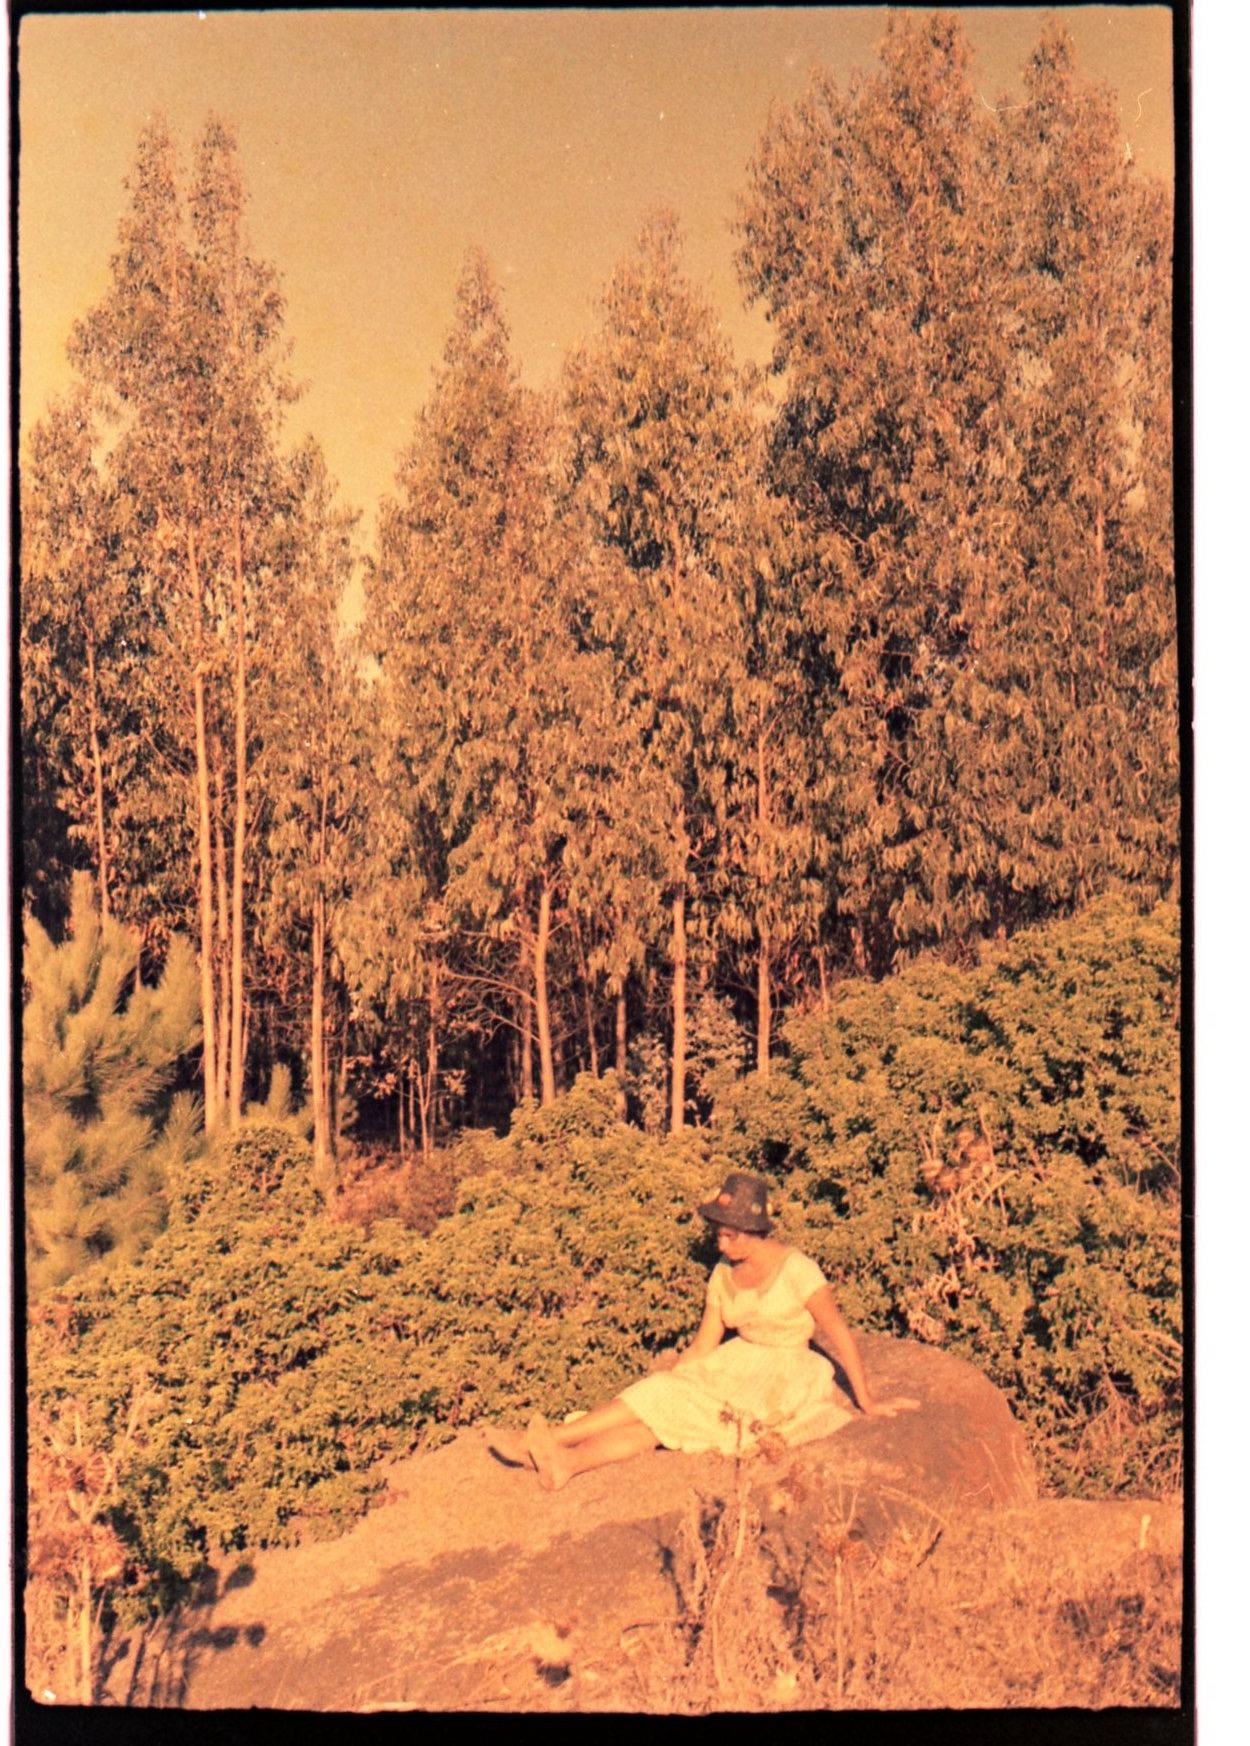 Enterreno - Fotos históricas de chile - fotos antiguas de Chile - El Arrayán en 1961